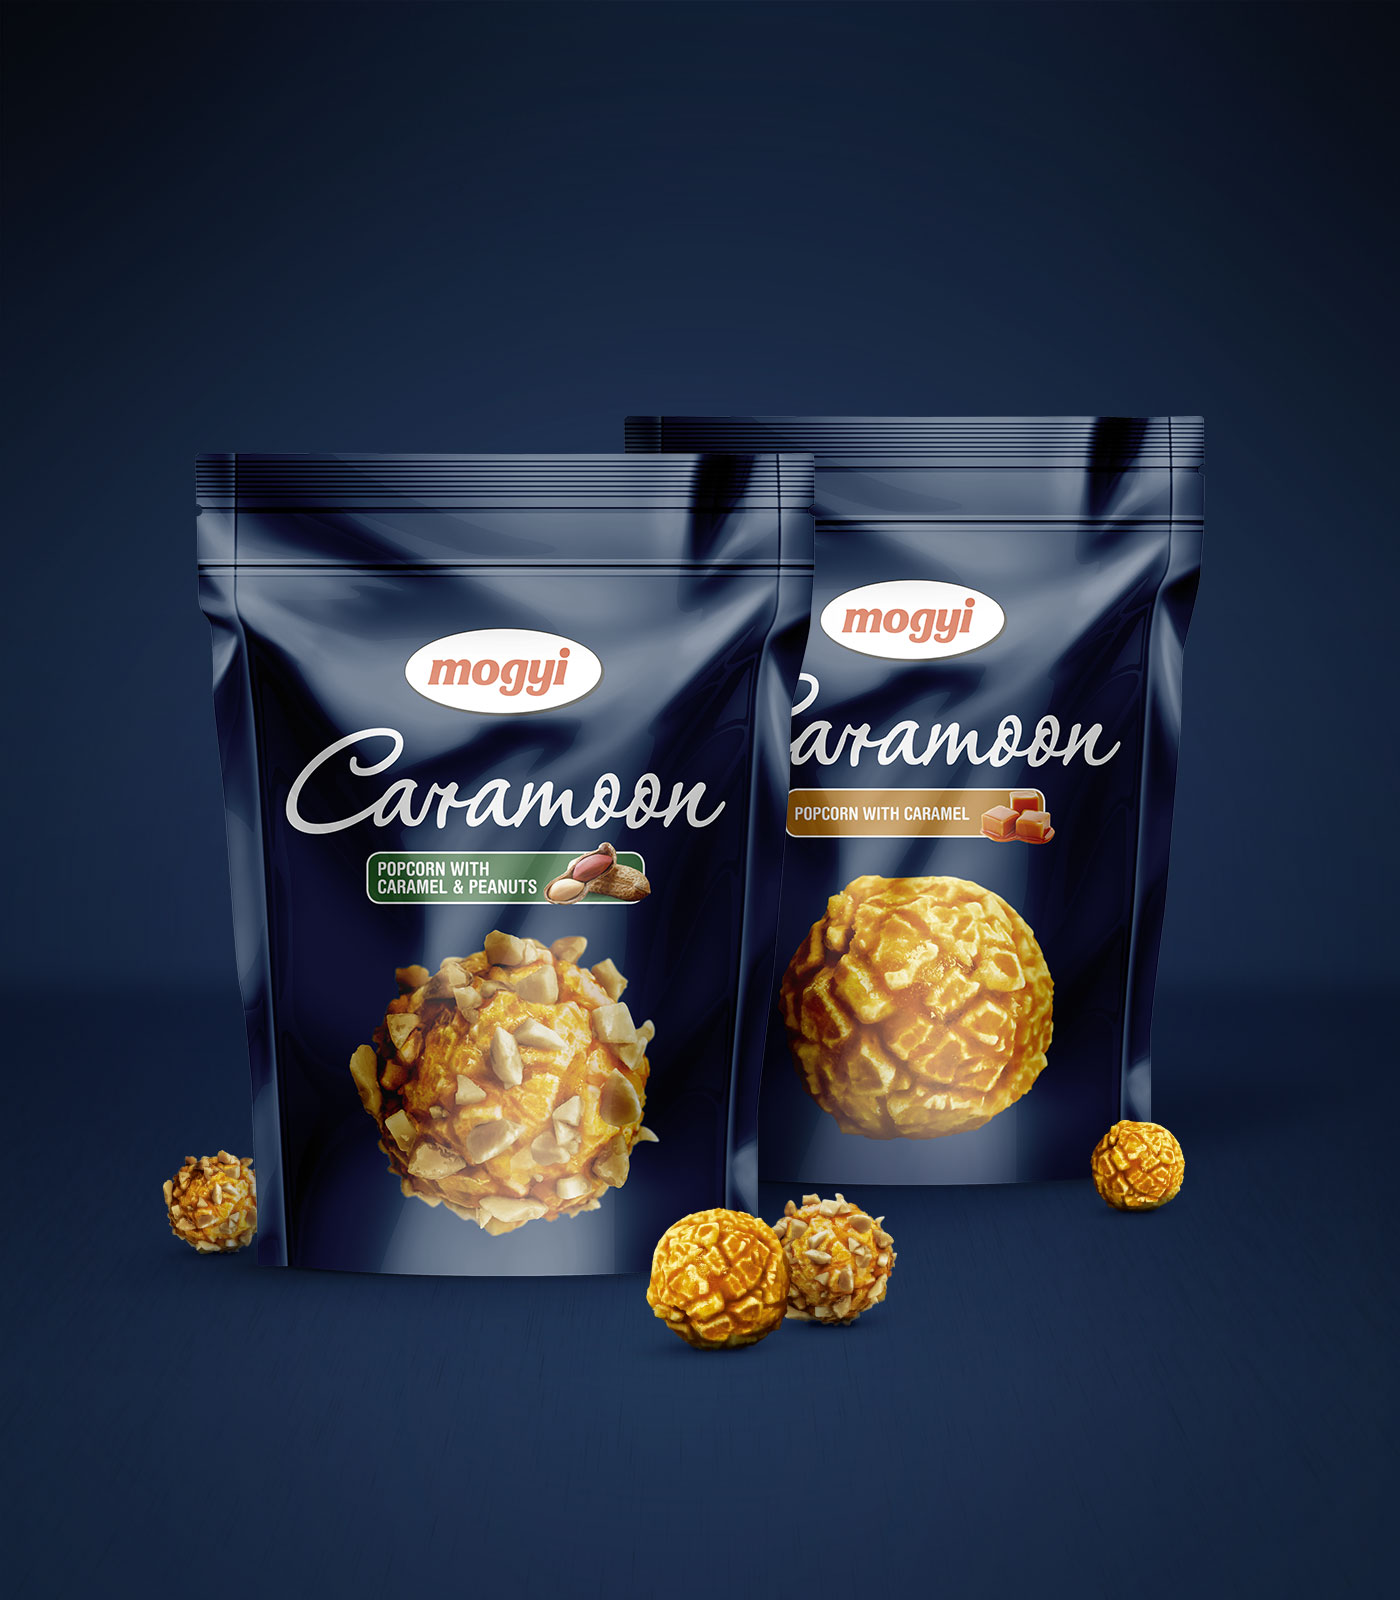 Mogyi Carammon - Popcorn with Caramel & Peanuts